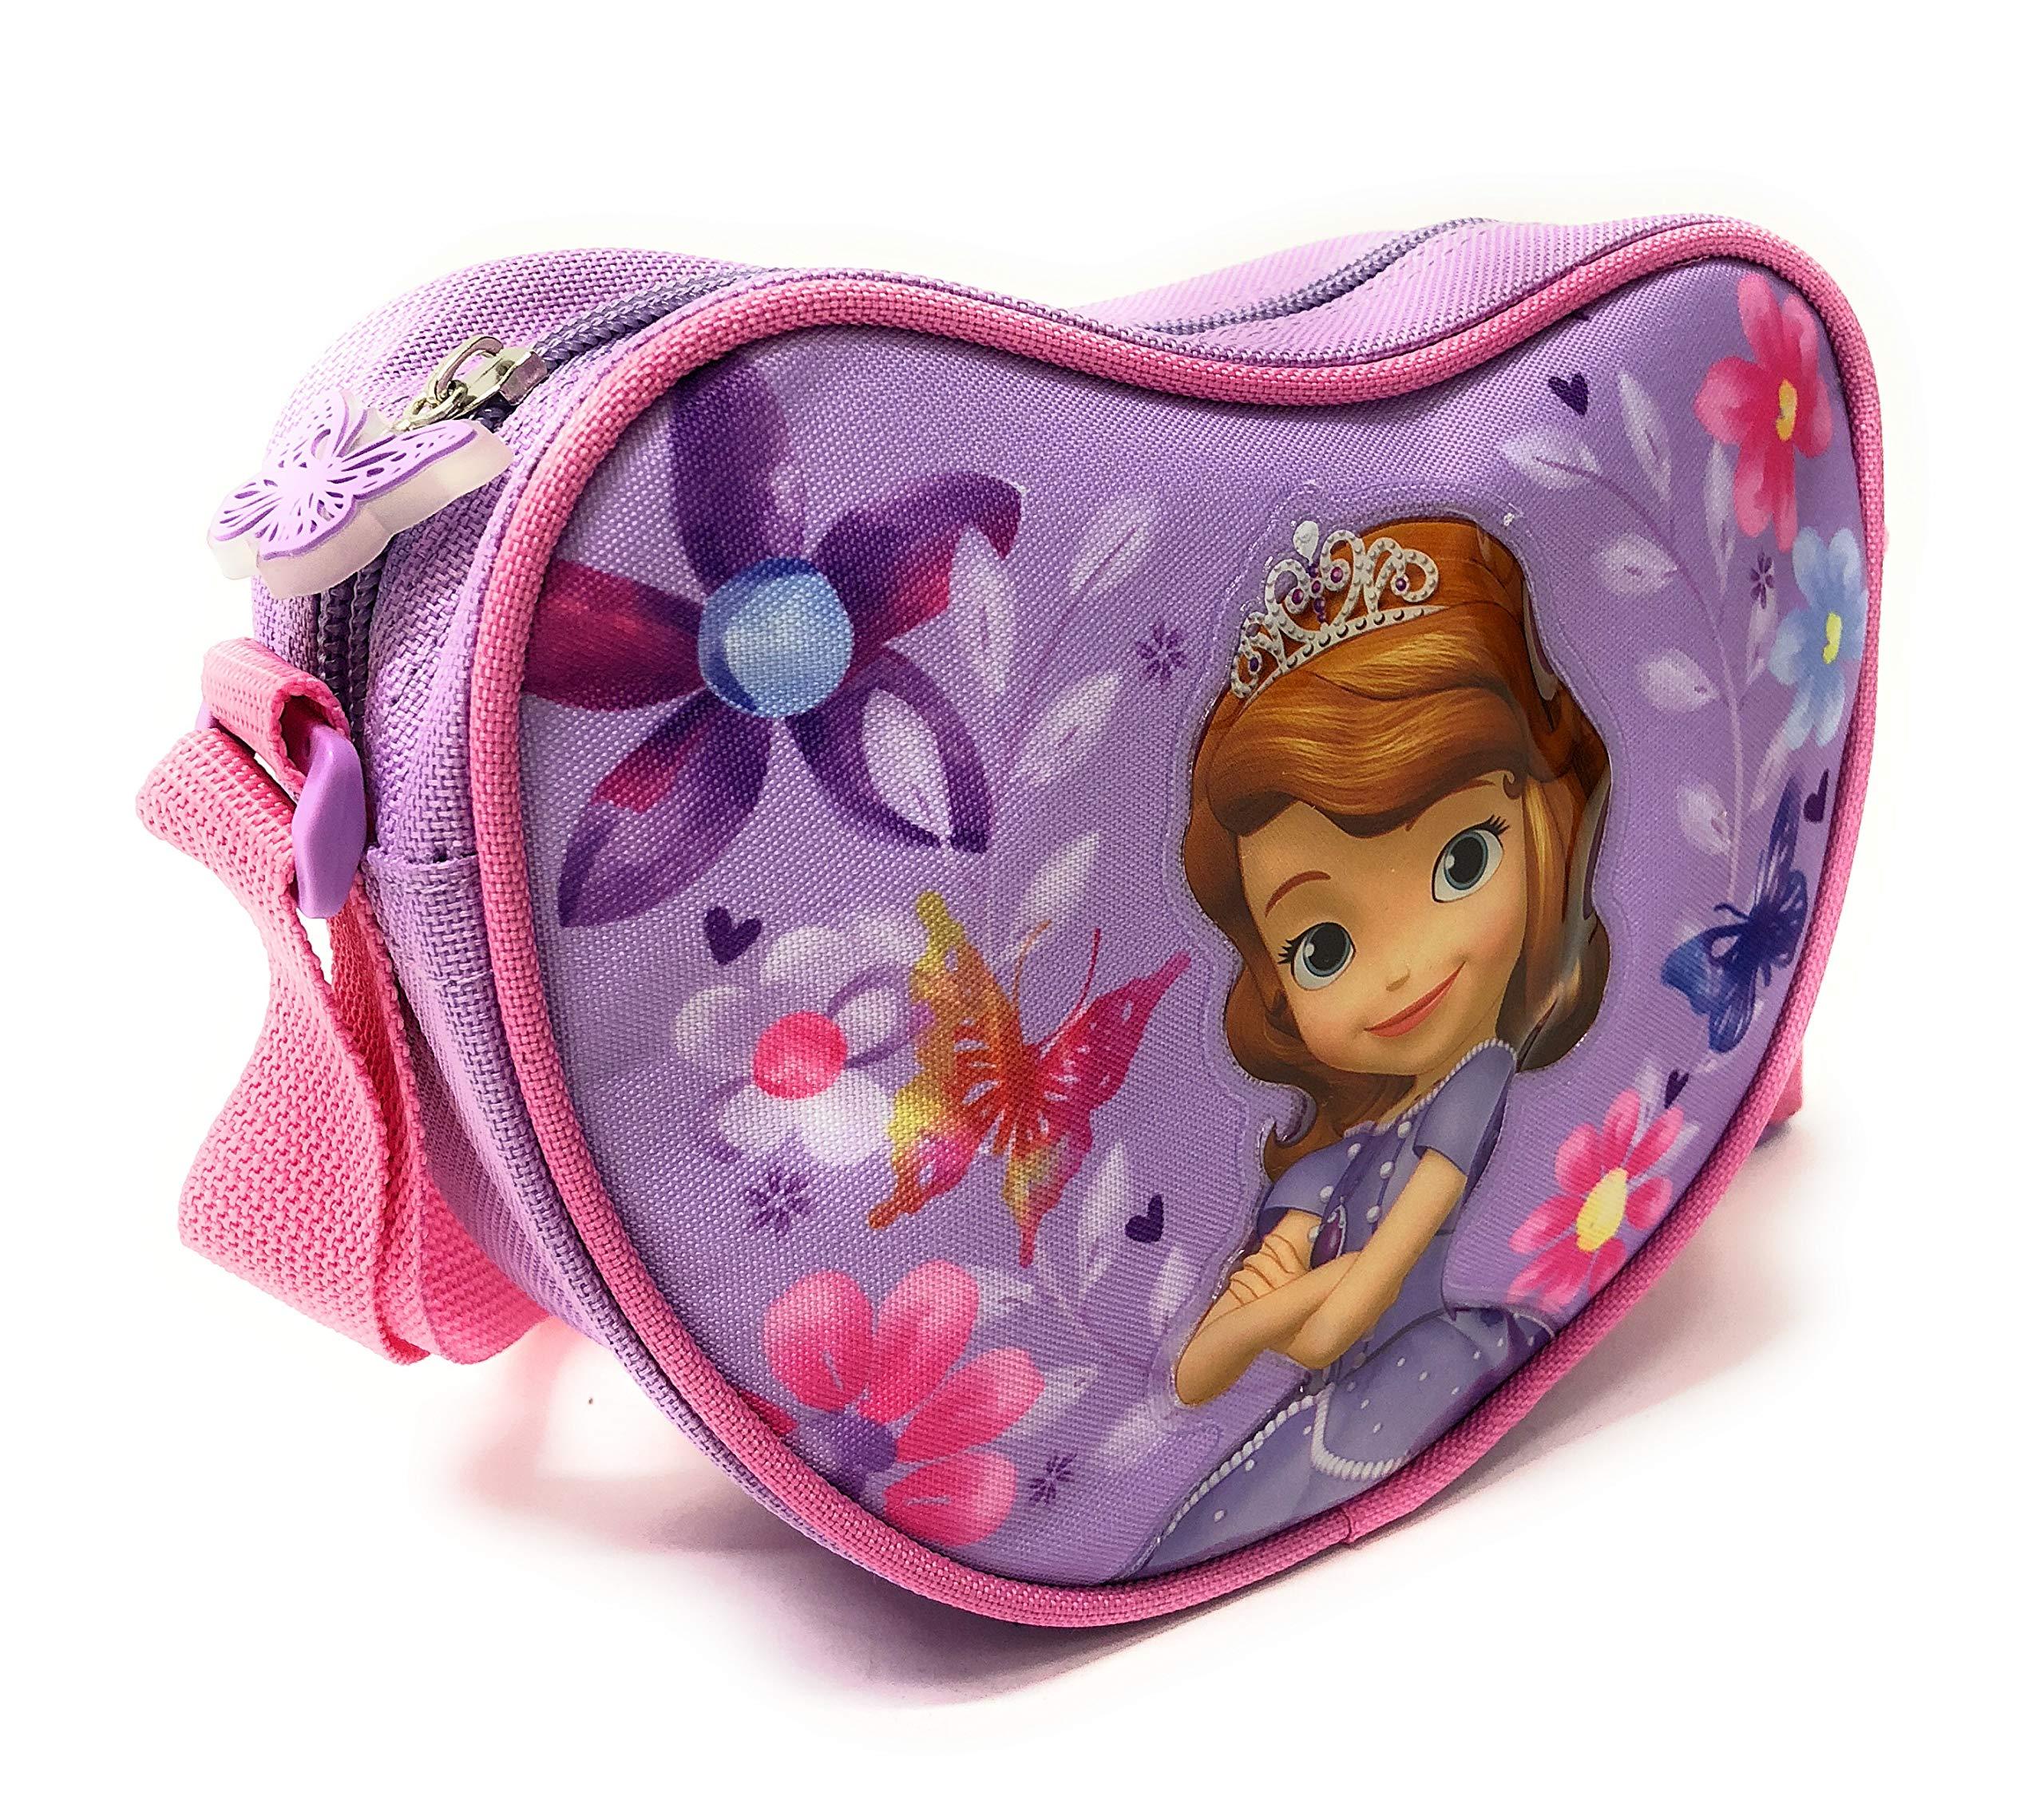 PERLETTI Bolso Bandolera de Corazón Niña Estampado Disney Princesa Sofía – Practica Bolsa Cruzada de Viaje Escuela – Bolso de Hombro con Cremallera – Lila con Flores Rosa – 14x18x6 cm